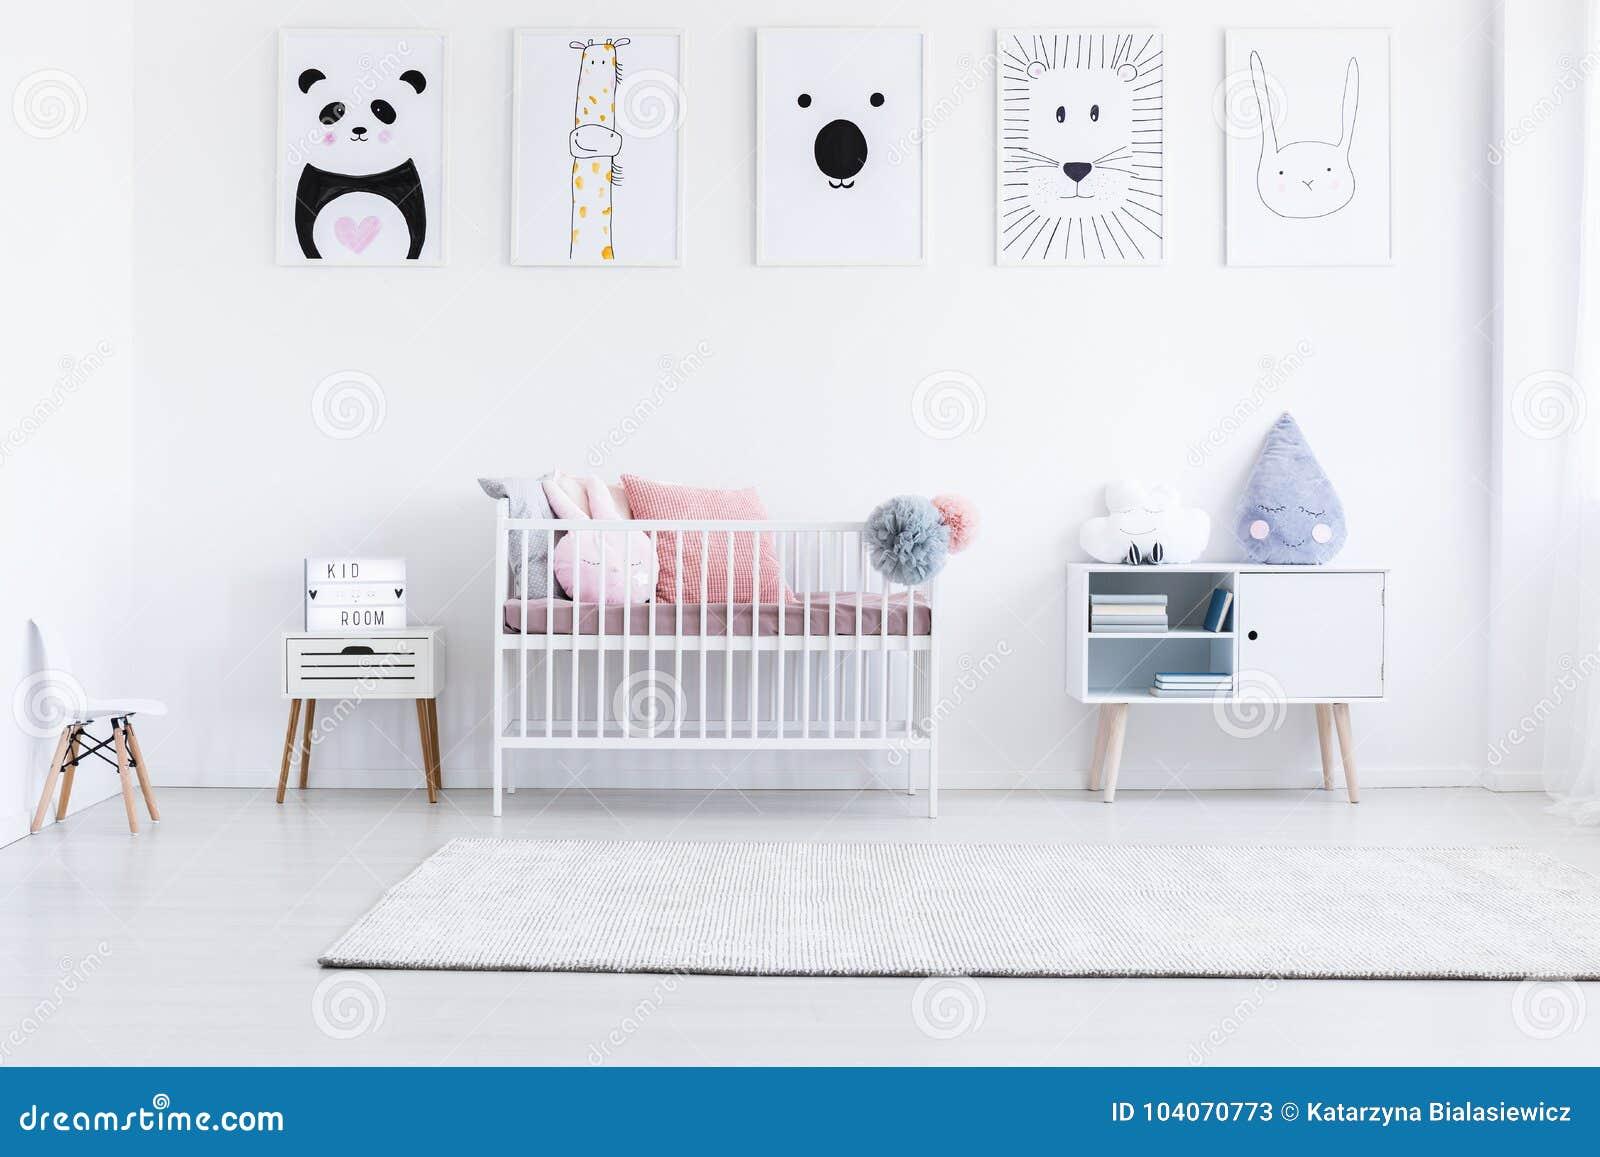 Dessin De Tigre Dans La Chambre A Coucher Du S De Fille Image Stock Image Du Tigre Fille 104070773